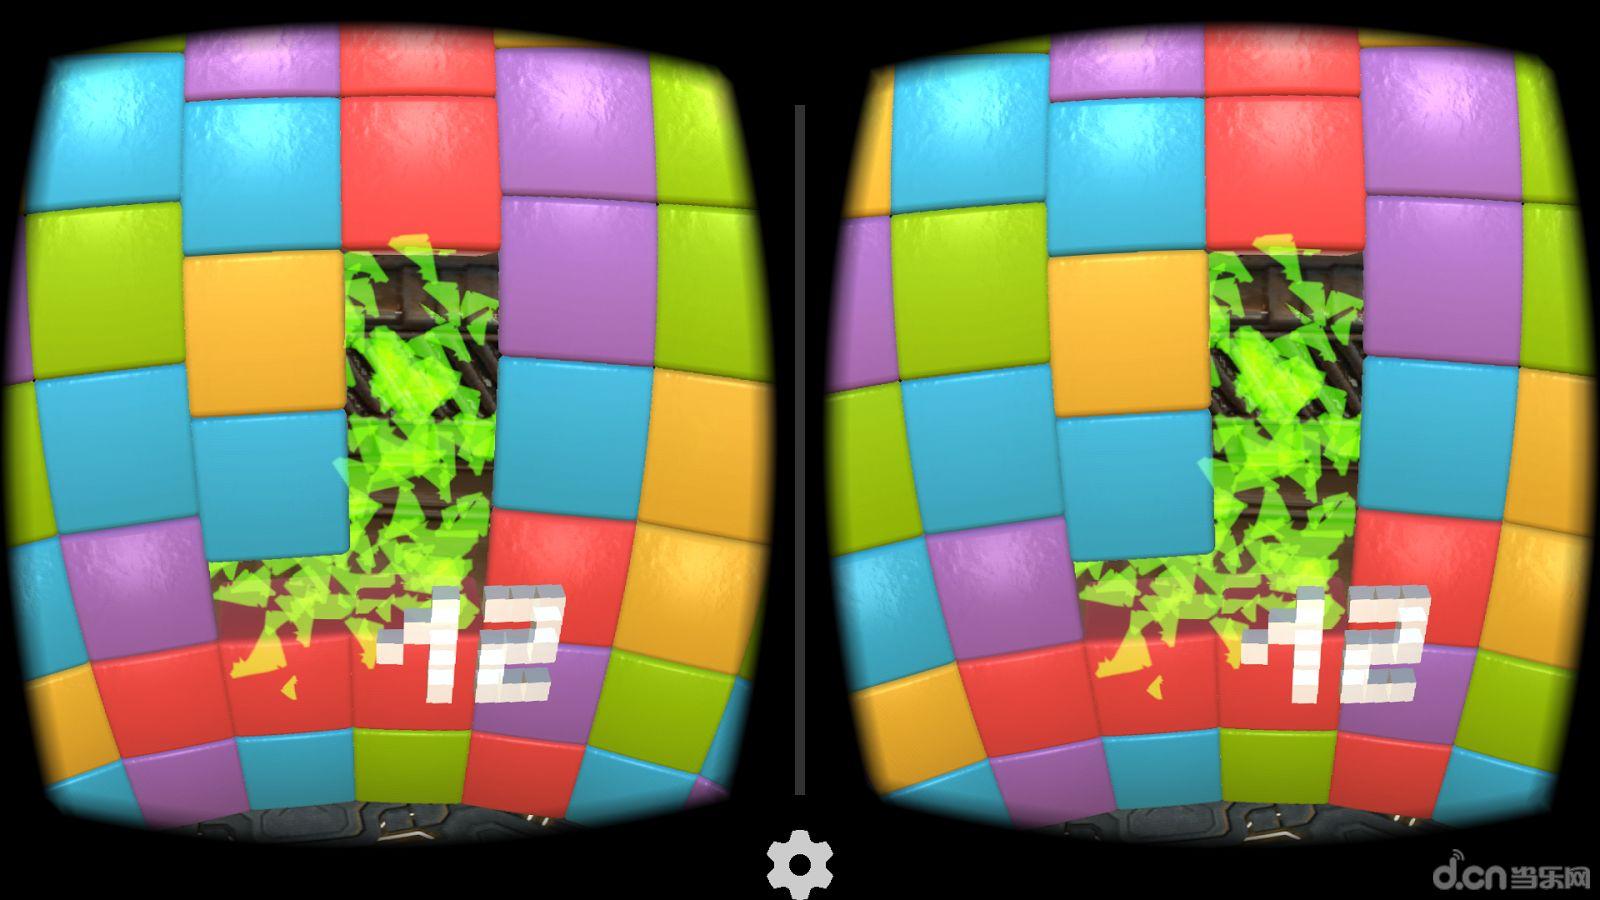 游戏虽然基于打砖块的模式,但是在游戏画面以及玩法的多样性上,已经快